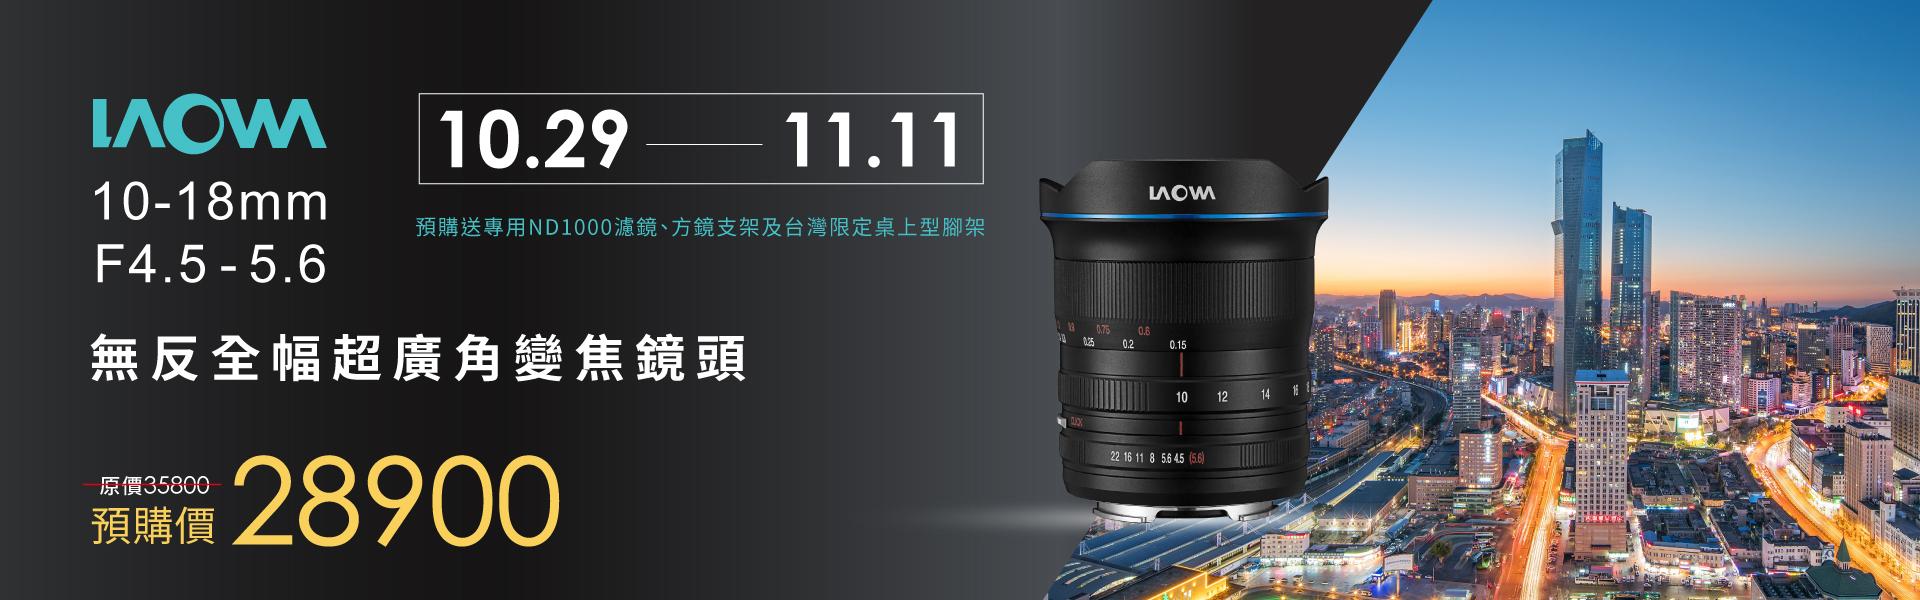 LAOWA  10-18mm F4.5-5.6 超廣角變焦鏡頭預購開跑~